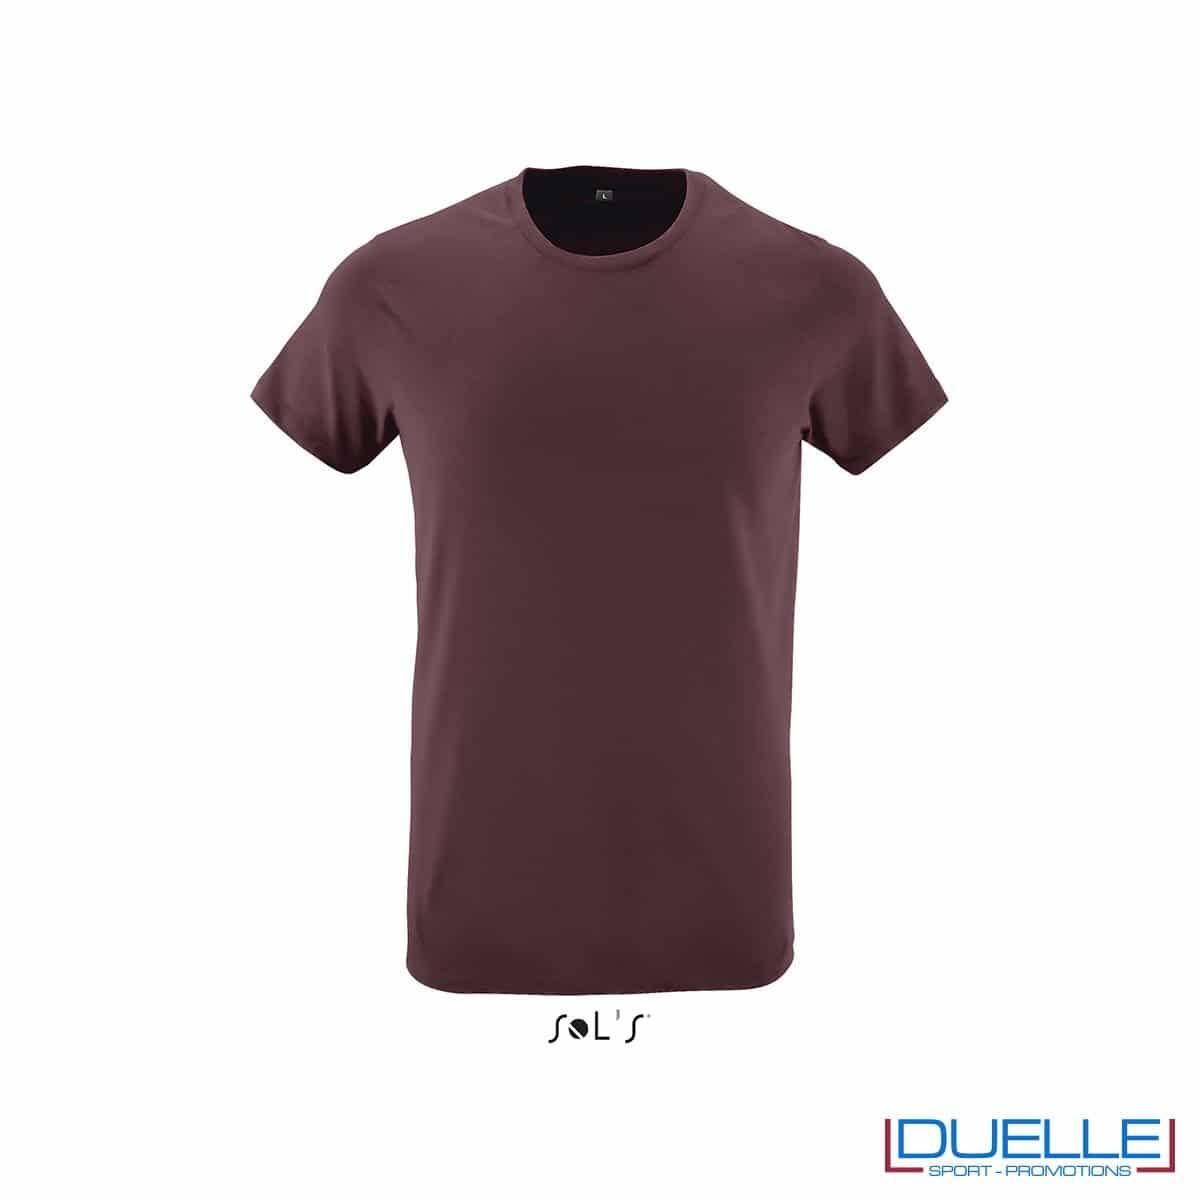 T-shirt girocollo personalizzata slim-fit colore bordeaux